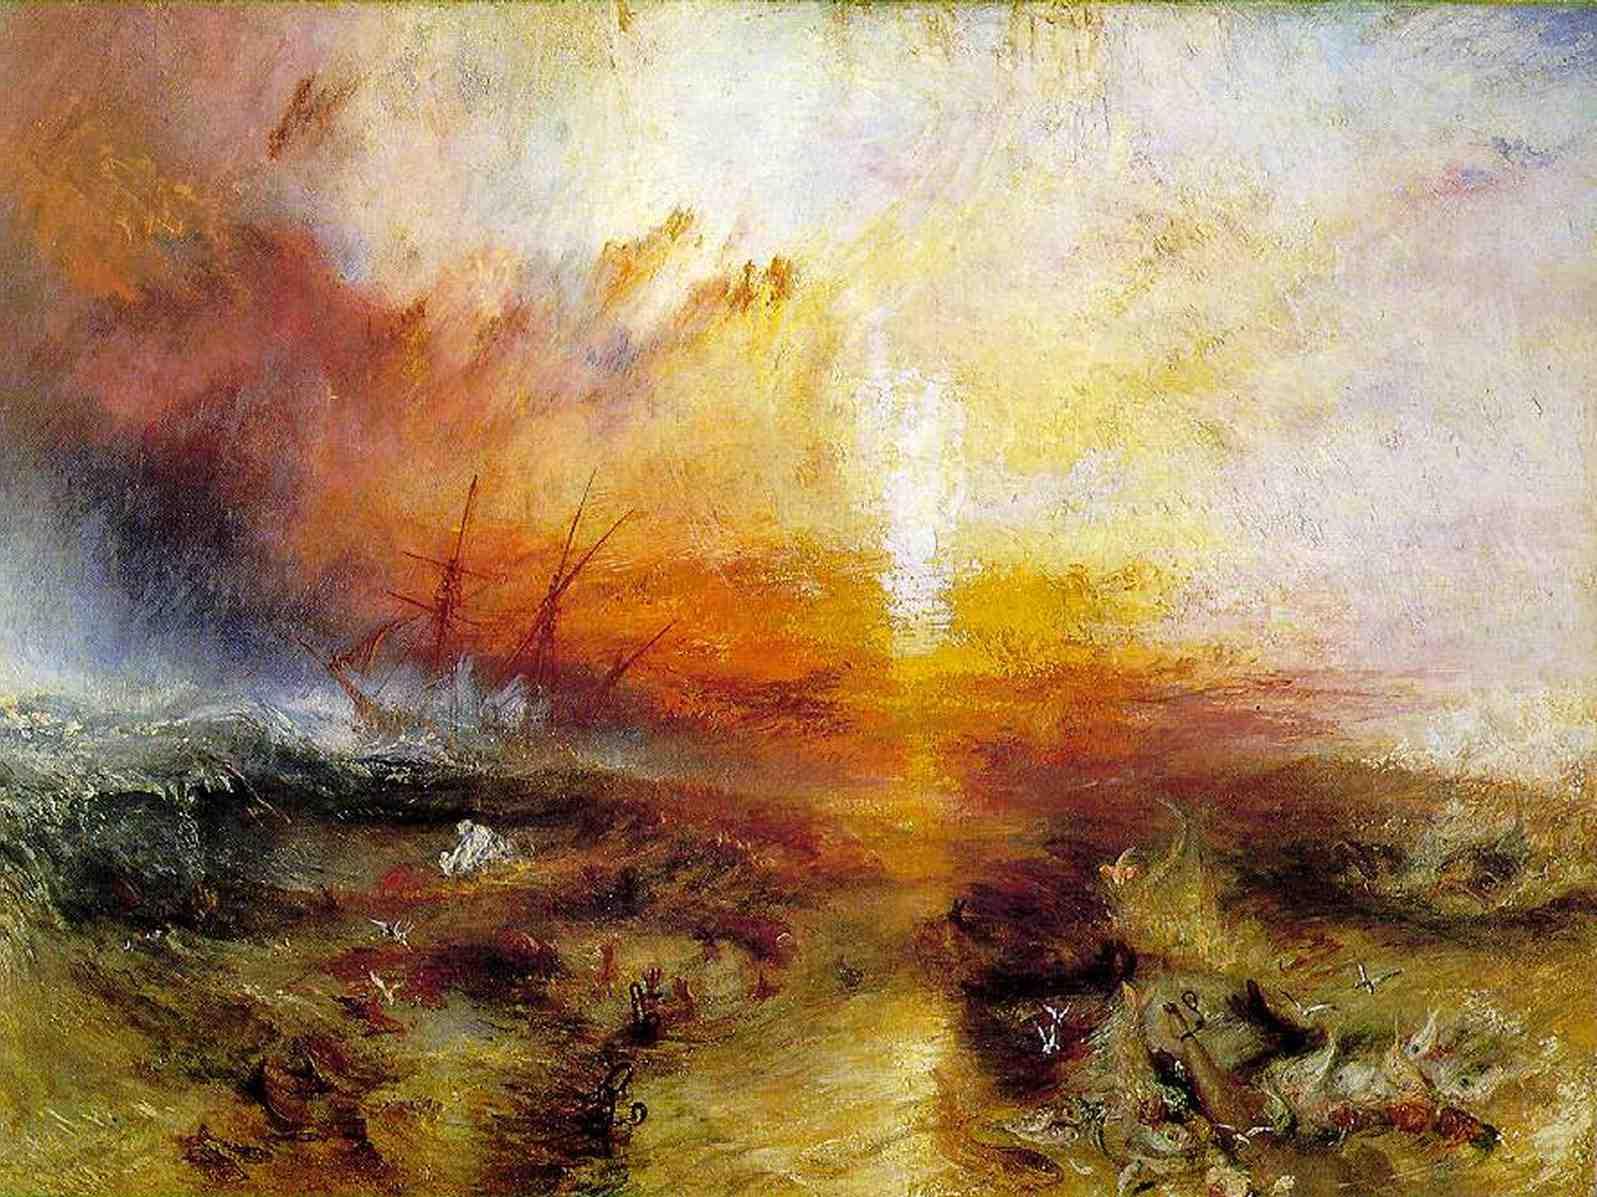 Znalezione obrazy dla zapytania wiosenna burza malarstwo